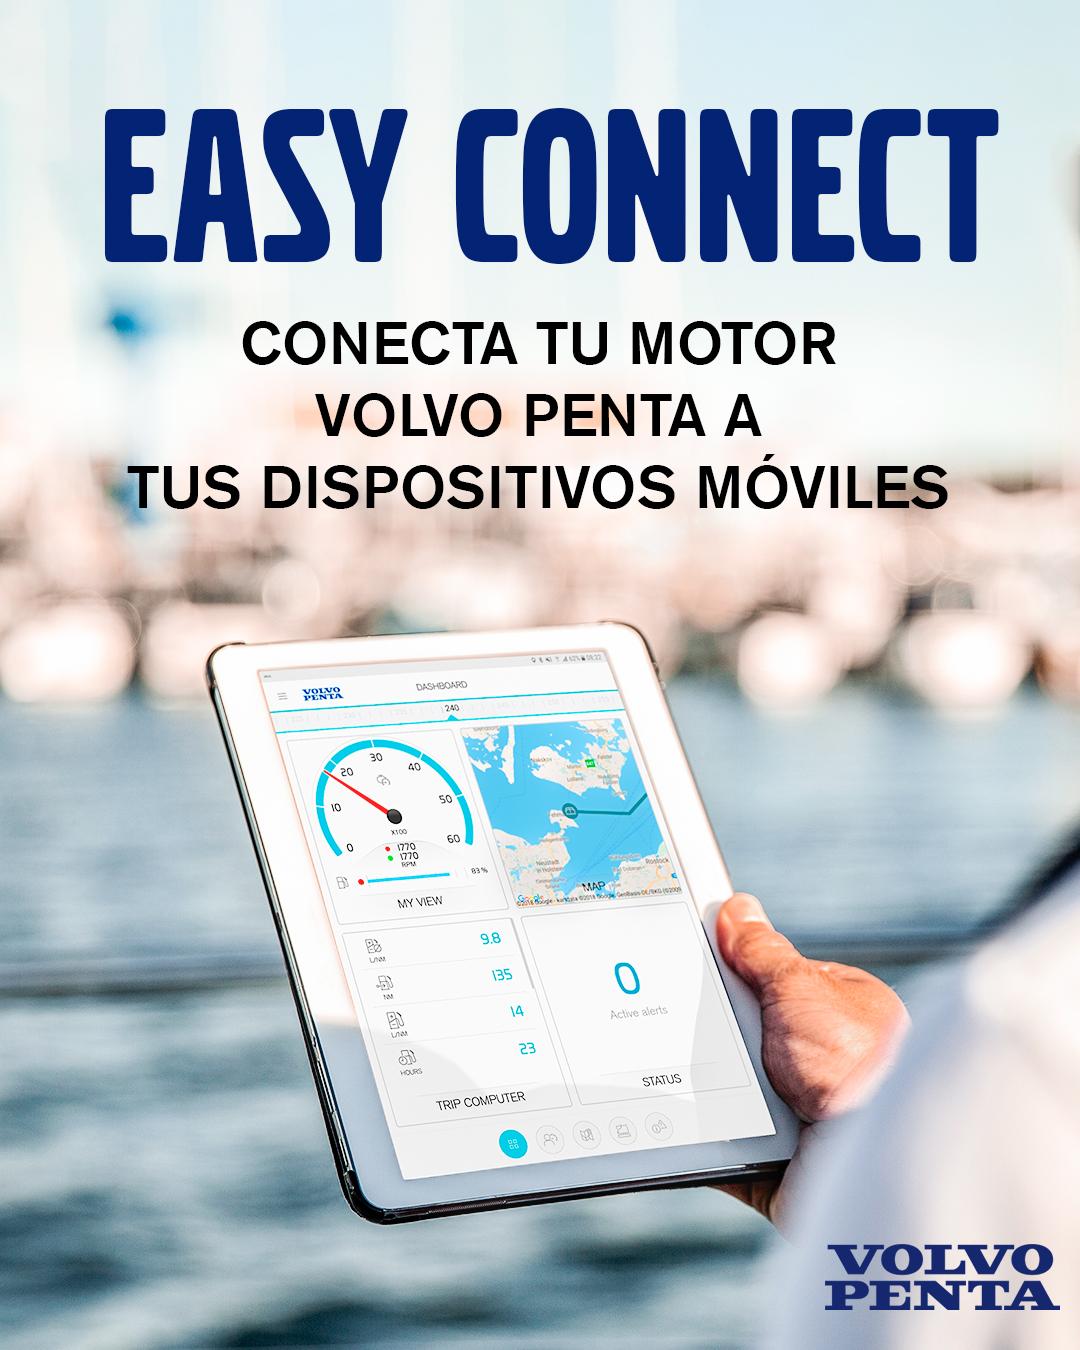 campañas Volvo Penta Easy connect